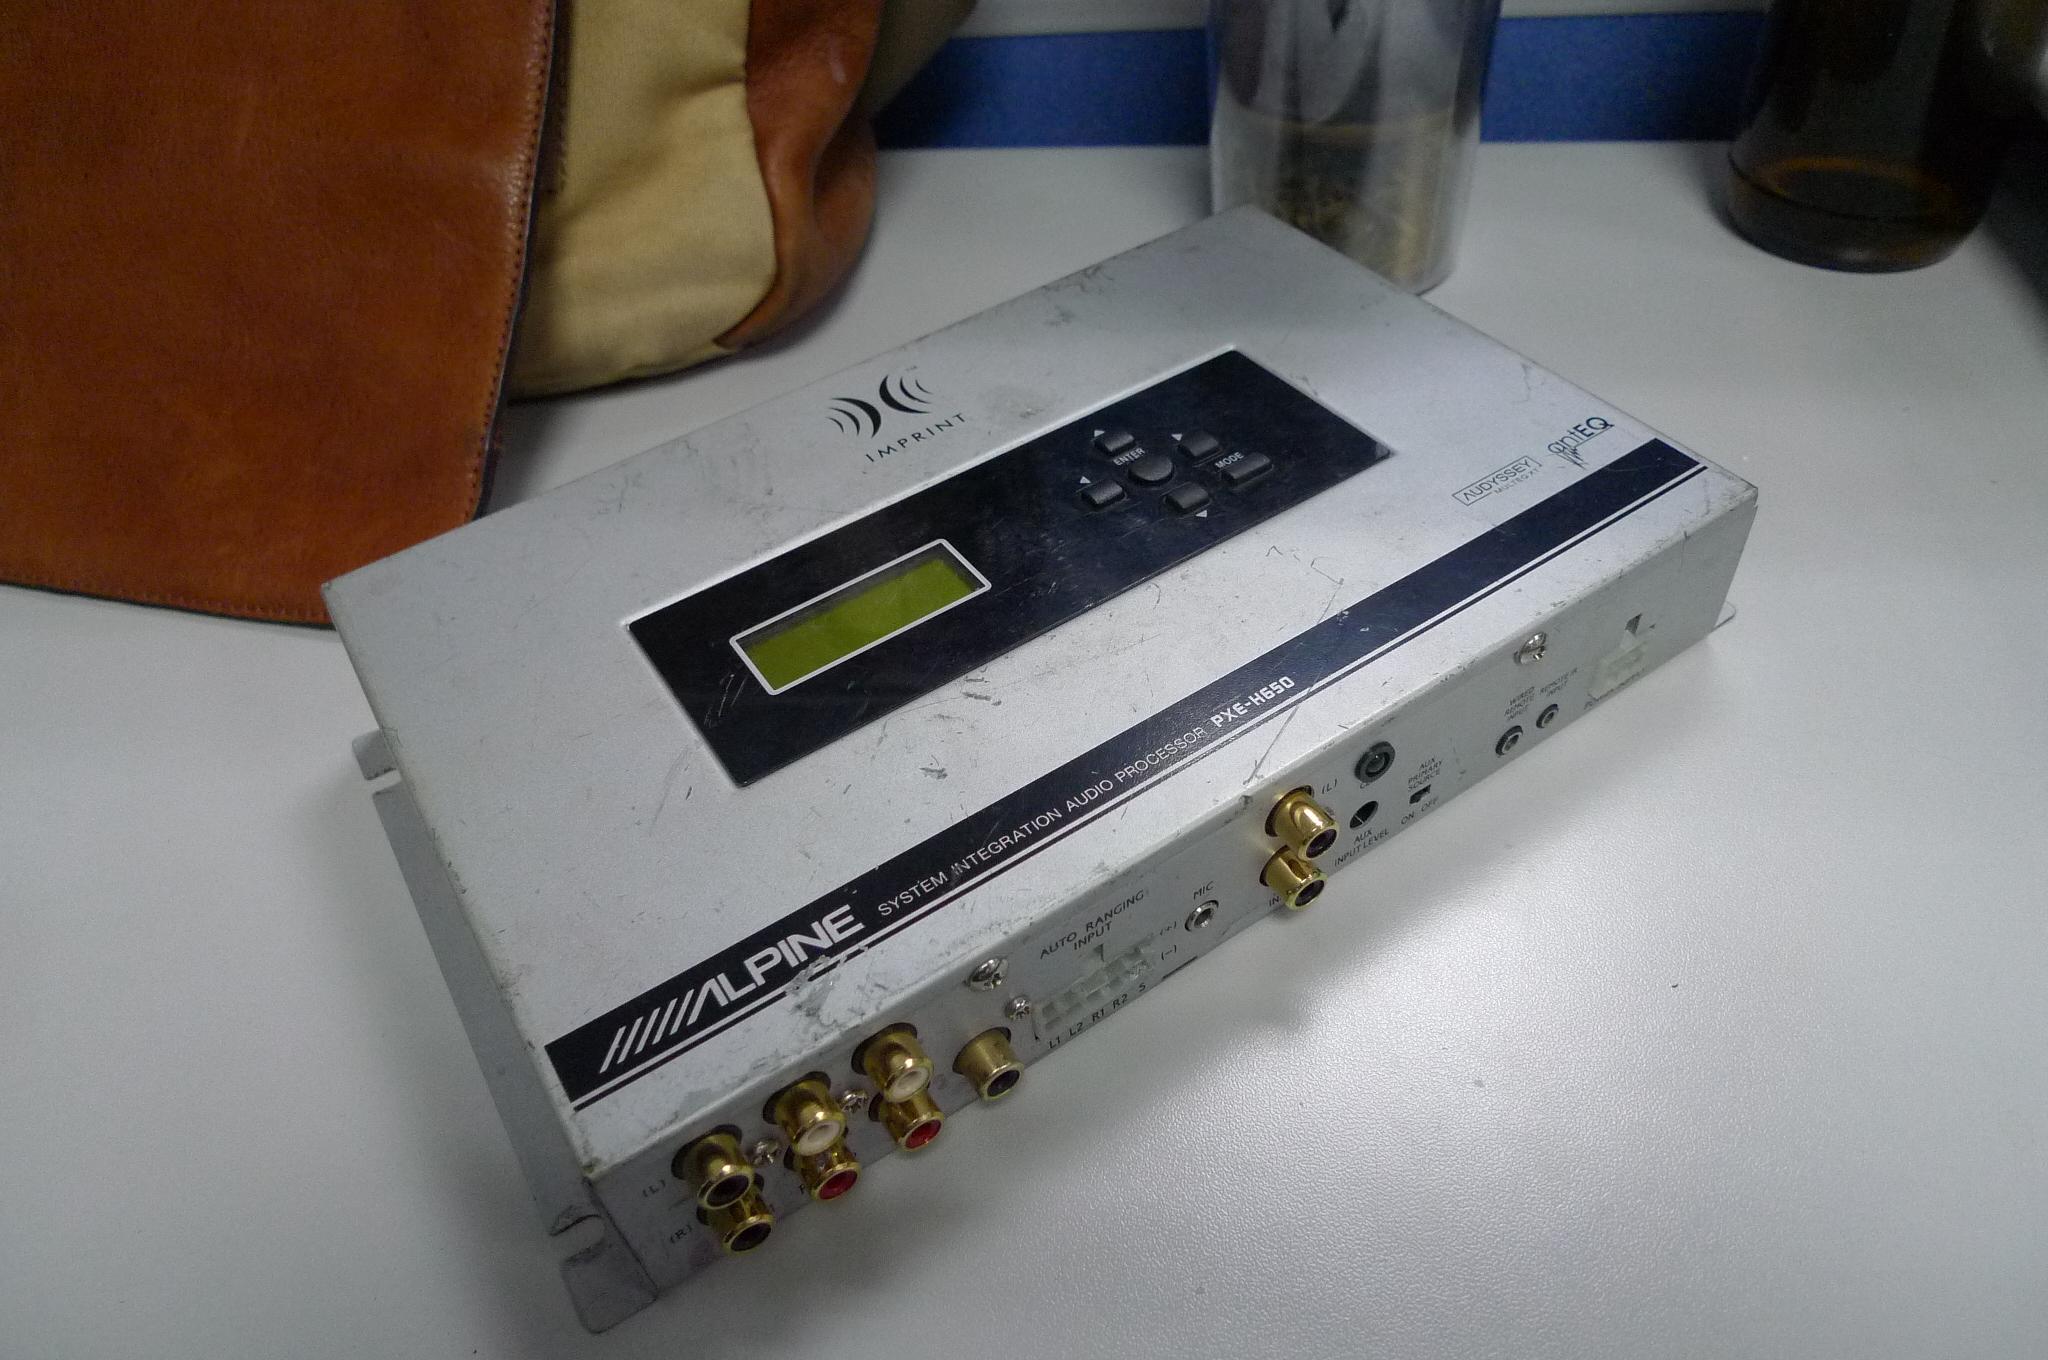 阿尔派pxe h650音频处理器,进口马3bose喇叭功放 汽车影音网高清图片